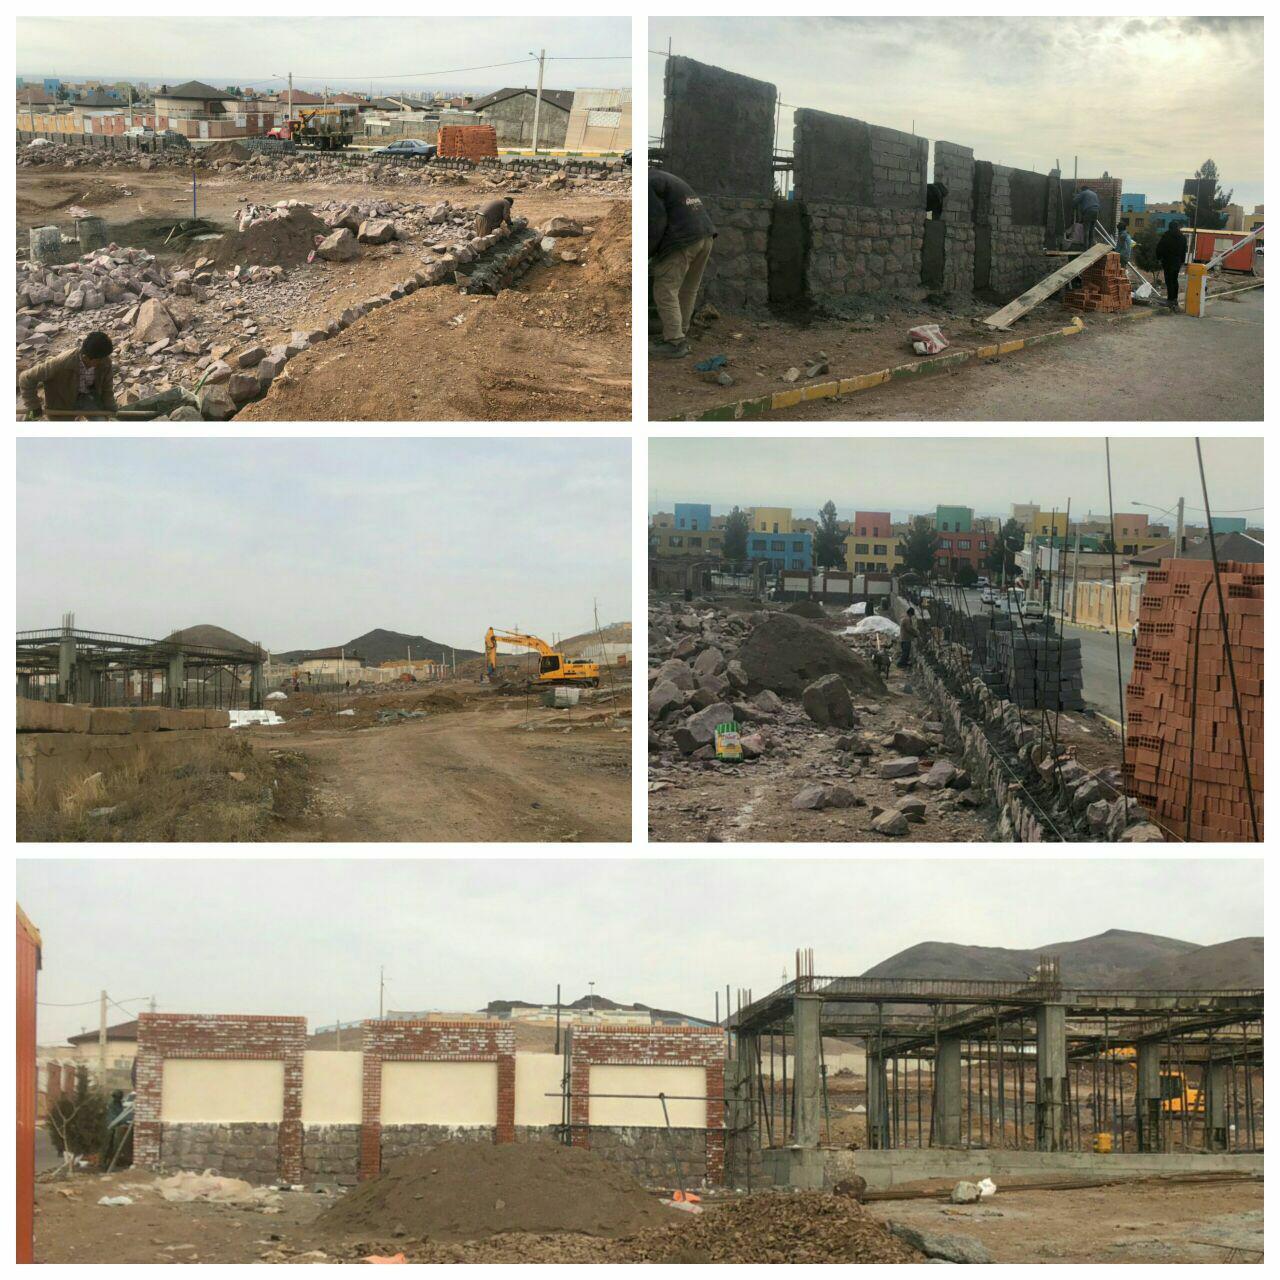 پیشرفت قابل توجه عملیات احداثی بوستان بانوان شهر پرند